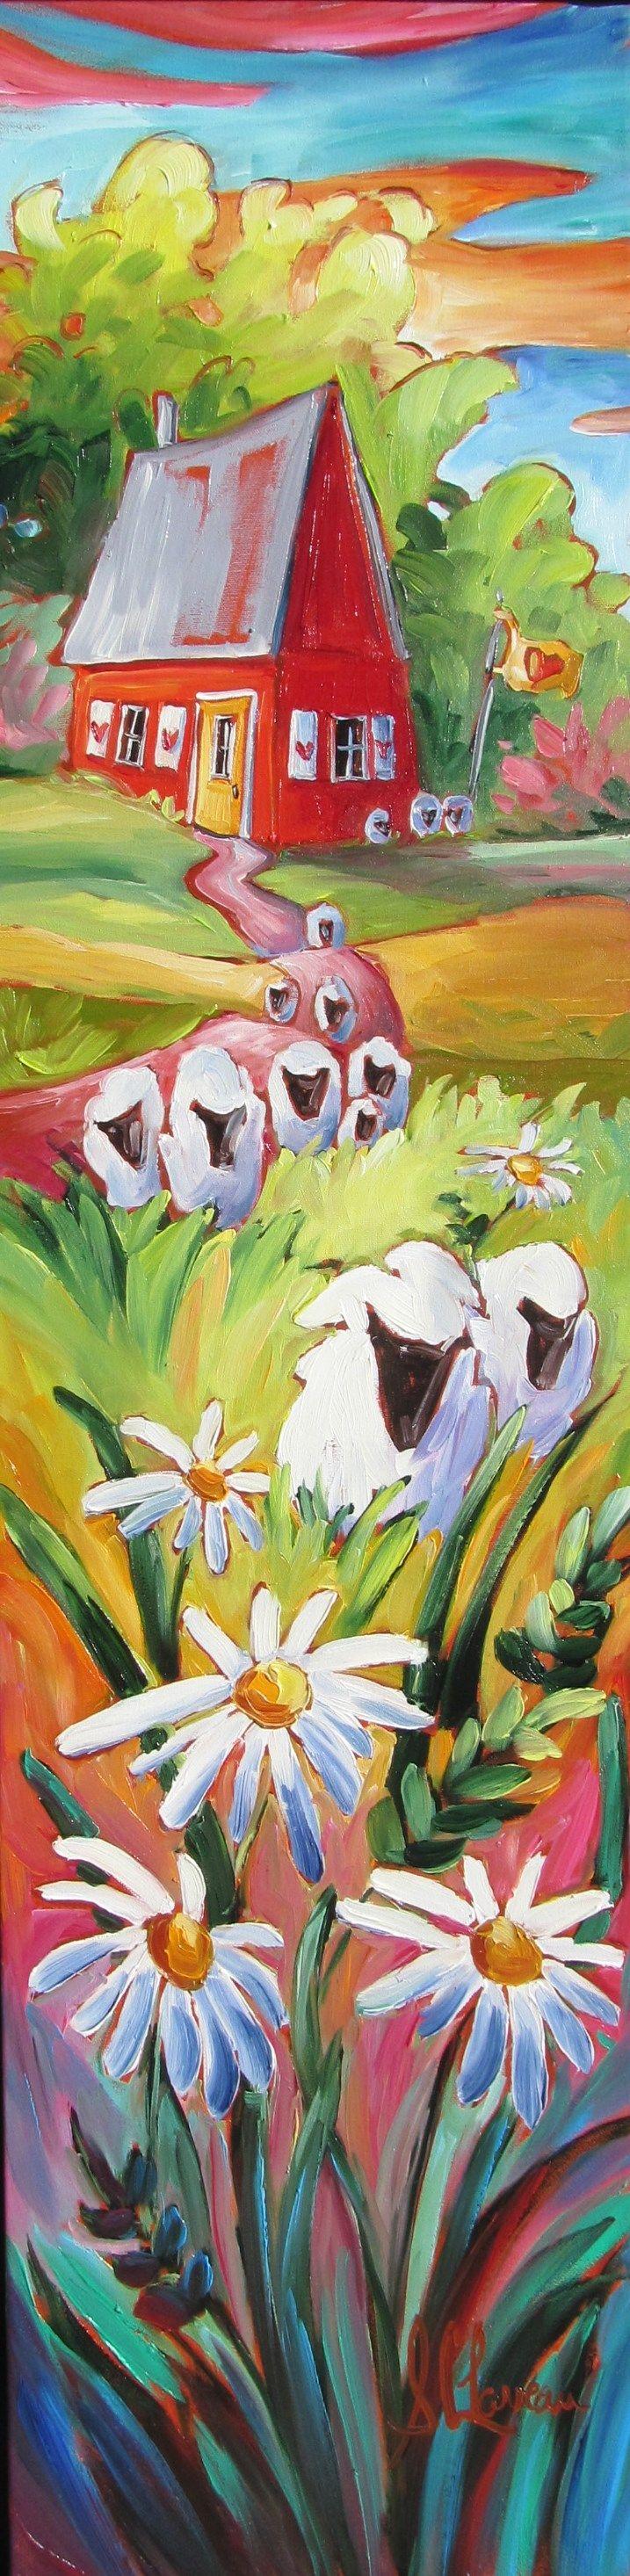 Paysages Champêtres - Centre d'Art Suzanne Claveau Artiste Peintre